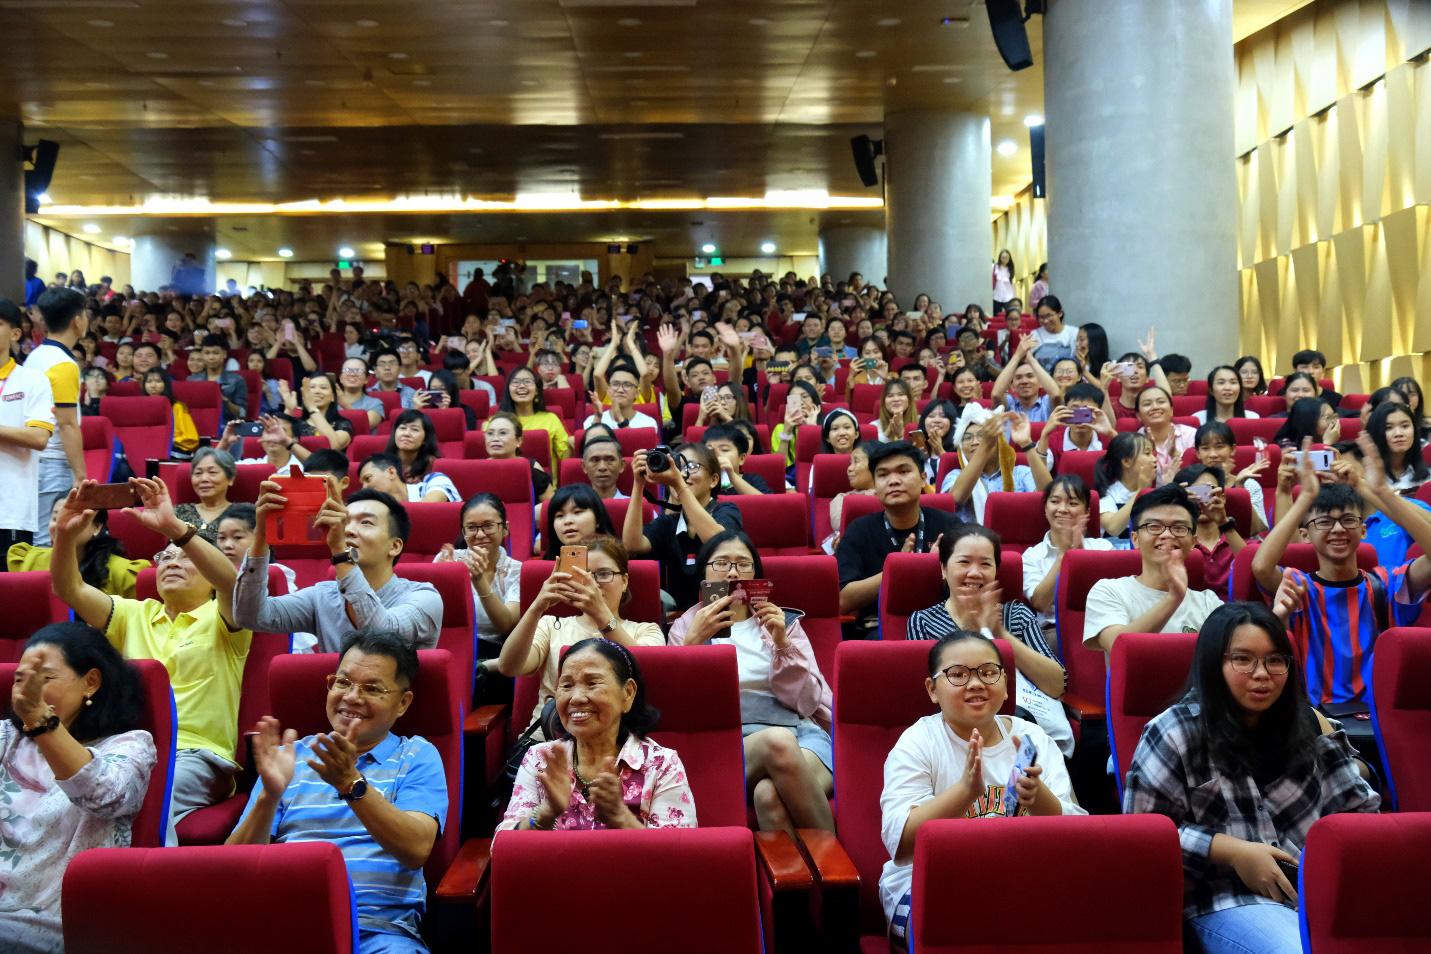 Dàn siêu trí tuệ quốc tế và Việt Nam bất ngờ hội ngộ khiến fan Việt vỡ òa - Ảnh 4.